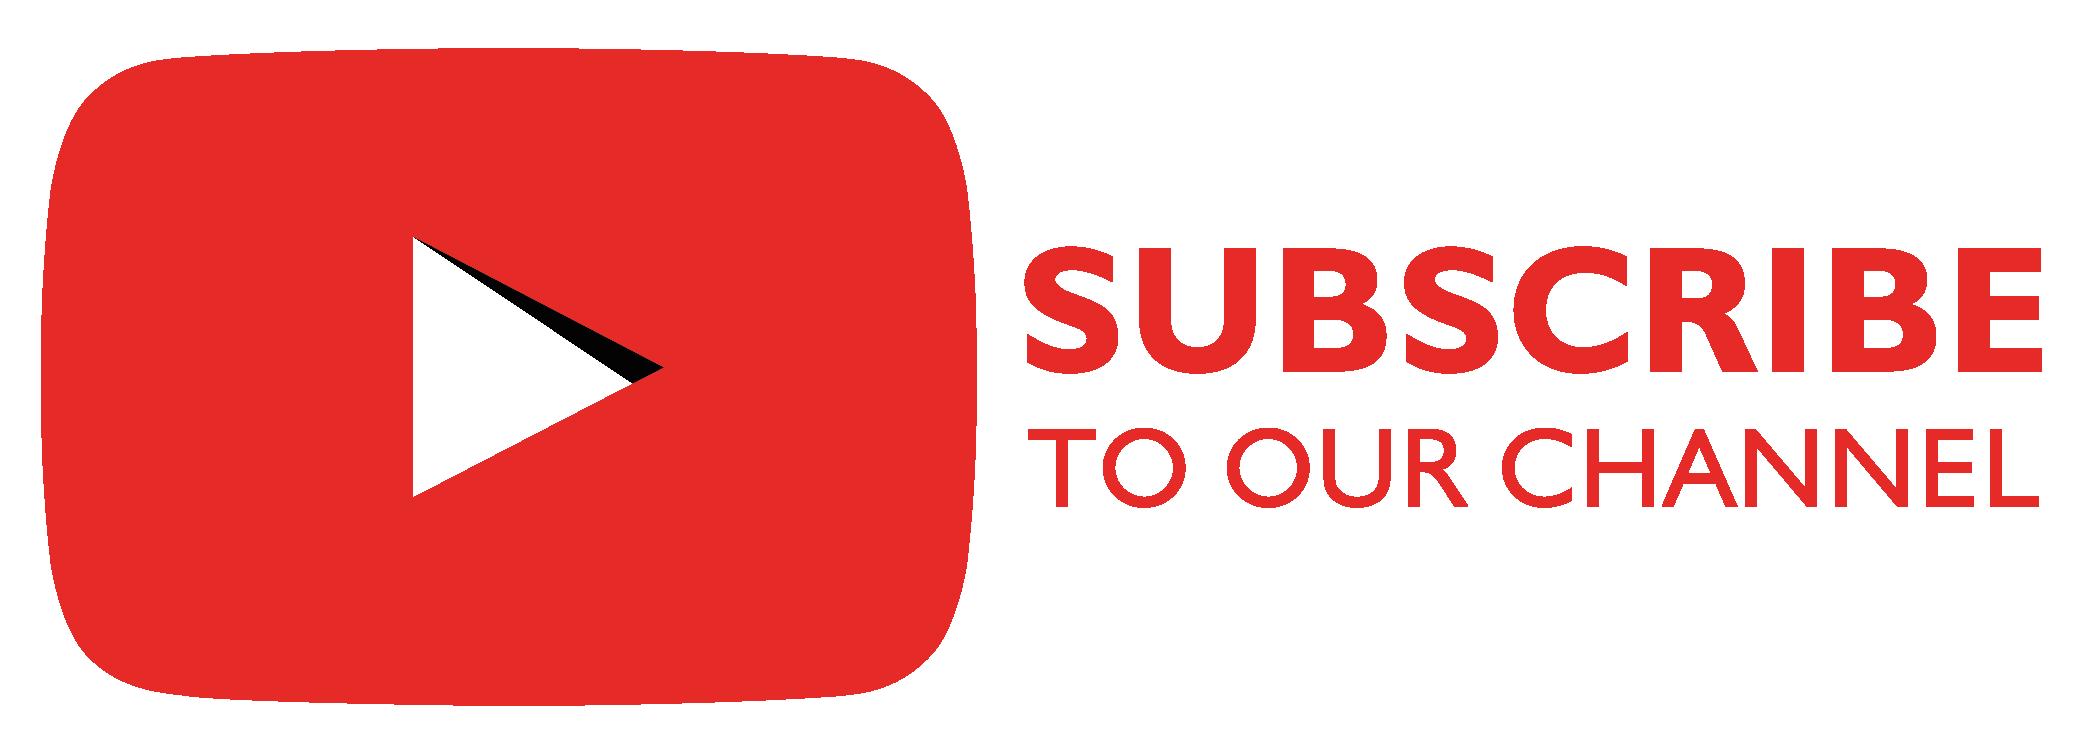 https://www.youtube.com/user/premierrapport